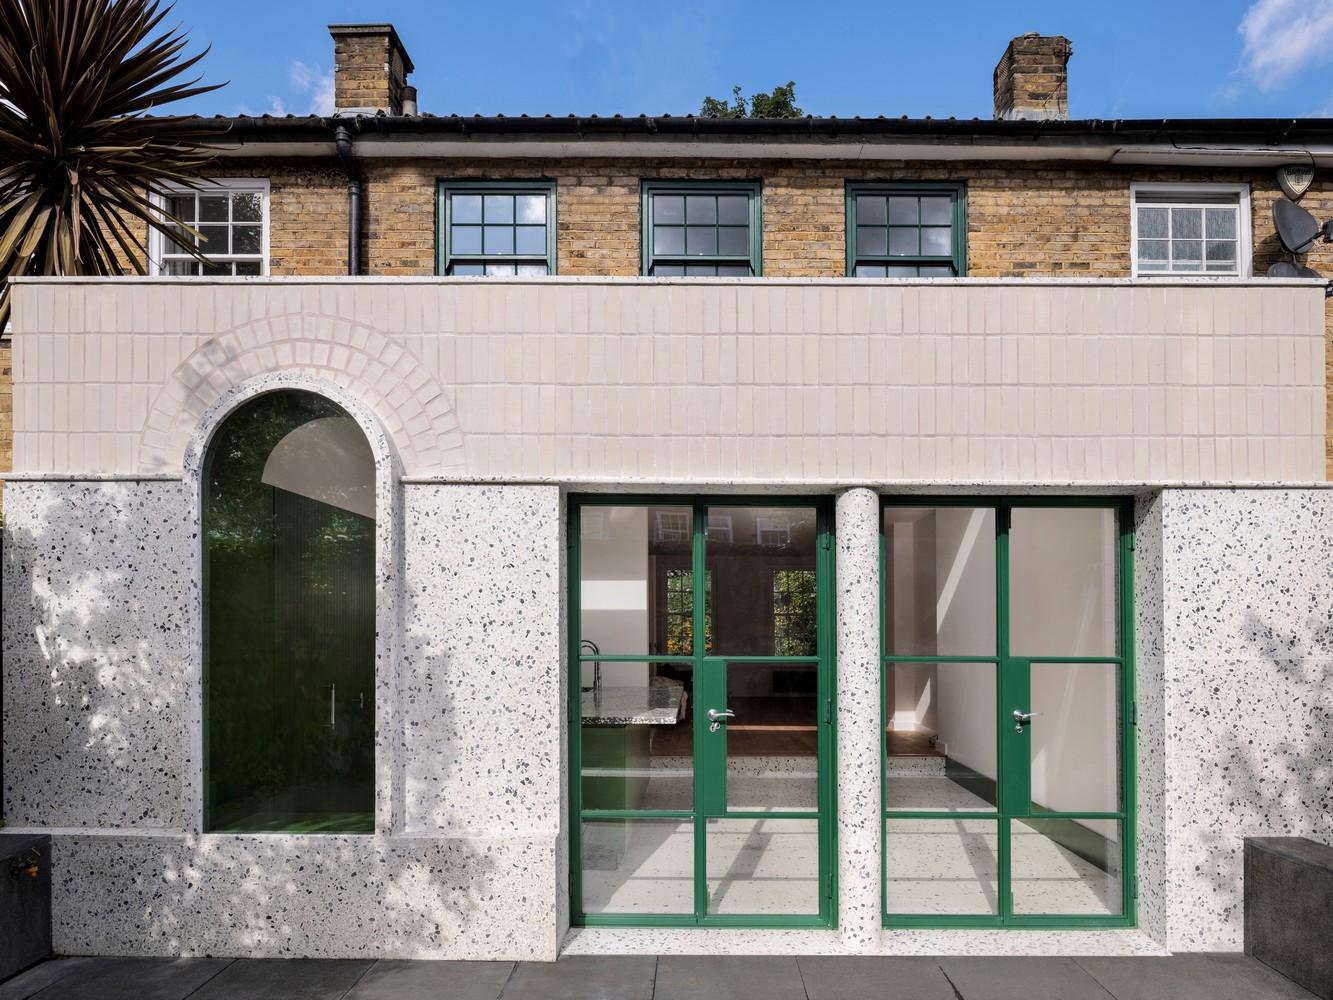 Các xu hướng kiến trúc mới mẻ và nổi bật trên thế giới - Ảnh 19.